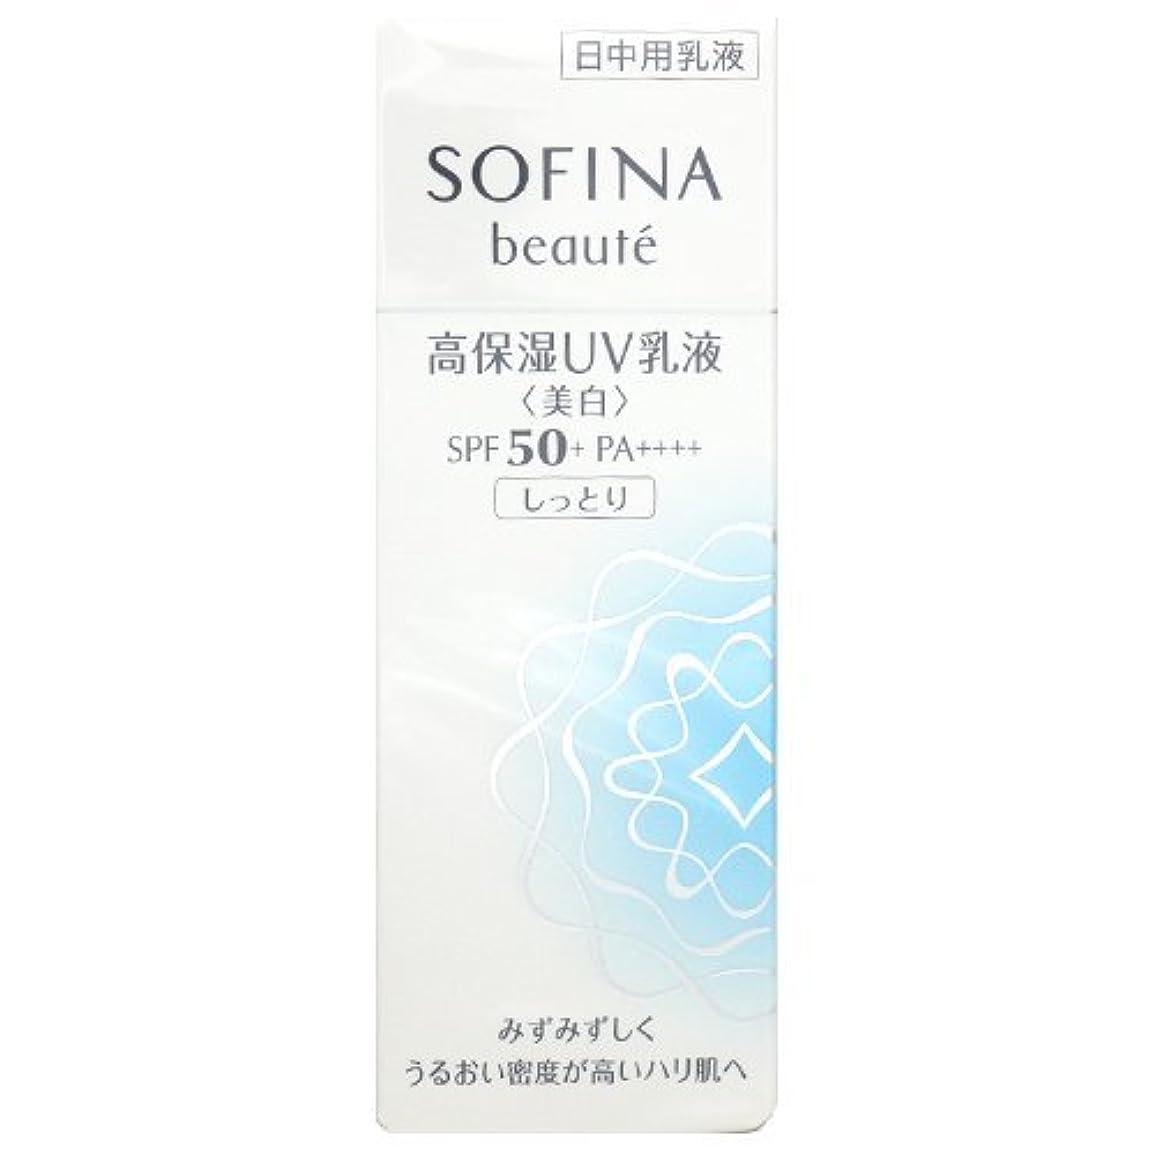 バズ健康的せせらぎ花王 ソフィーナ ボーテ SOFINA beaute 高保湿UV乳液 美白 SPF50+ PA++++ しっとり 30g [並行輸入品]